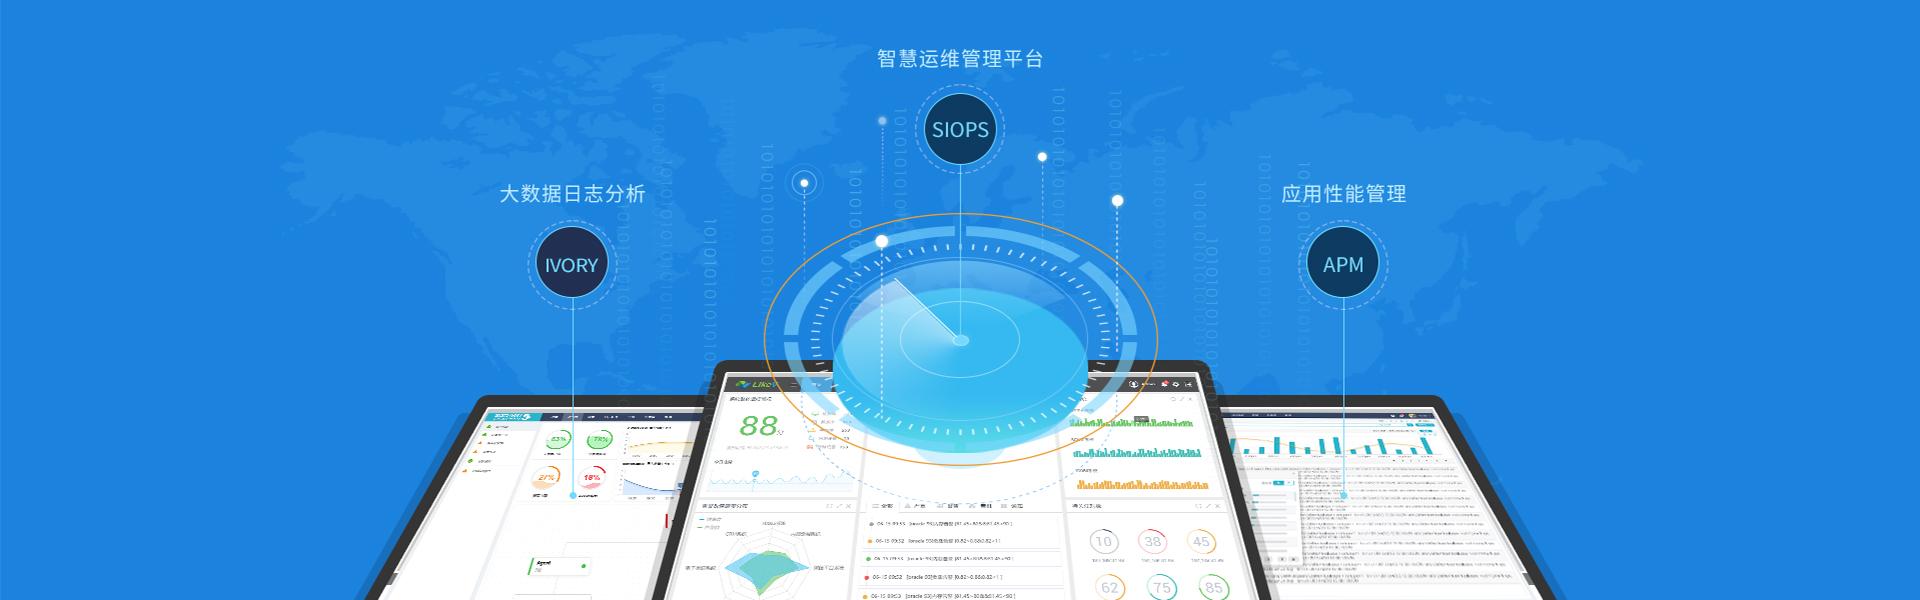 新炬网络服务:数据资产管理、系统运维、运营外包